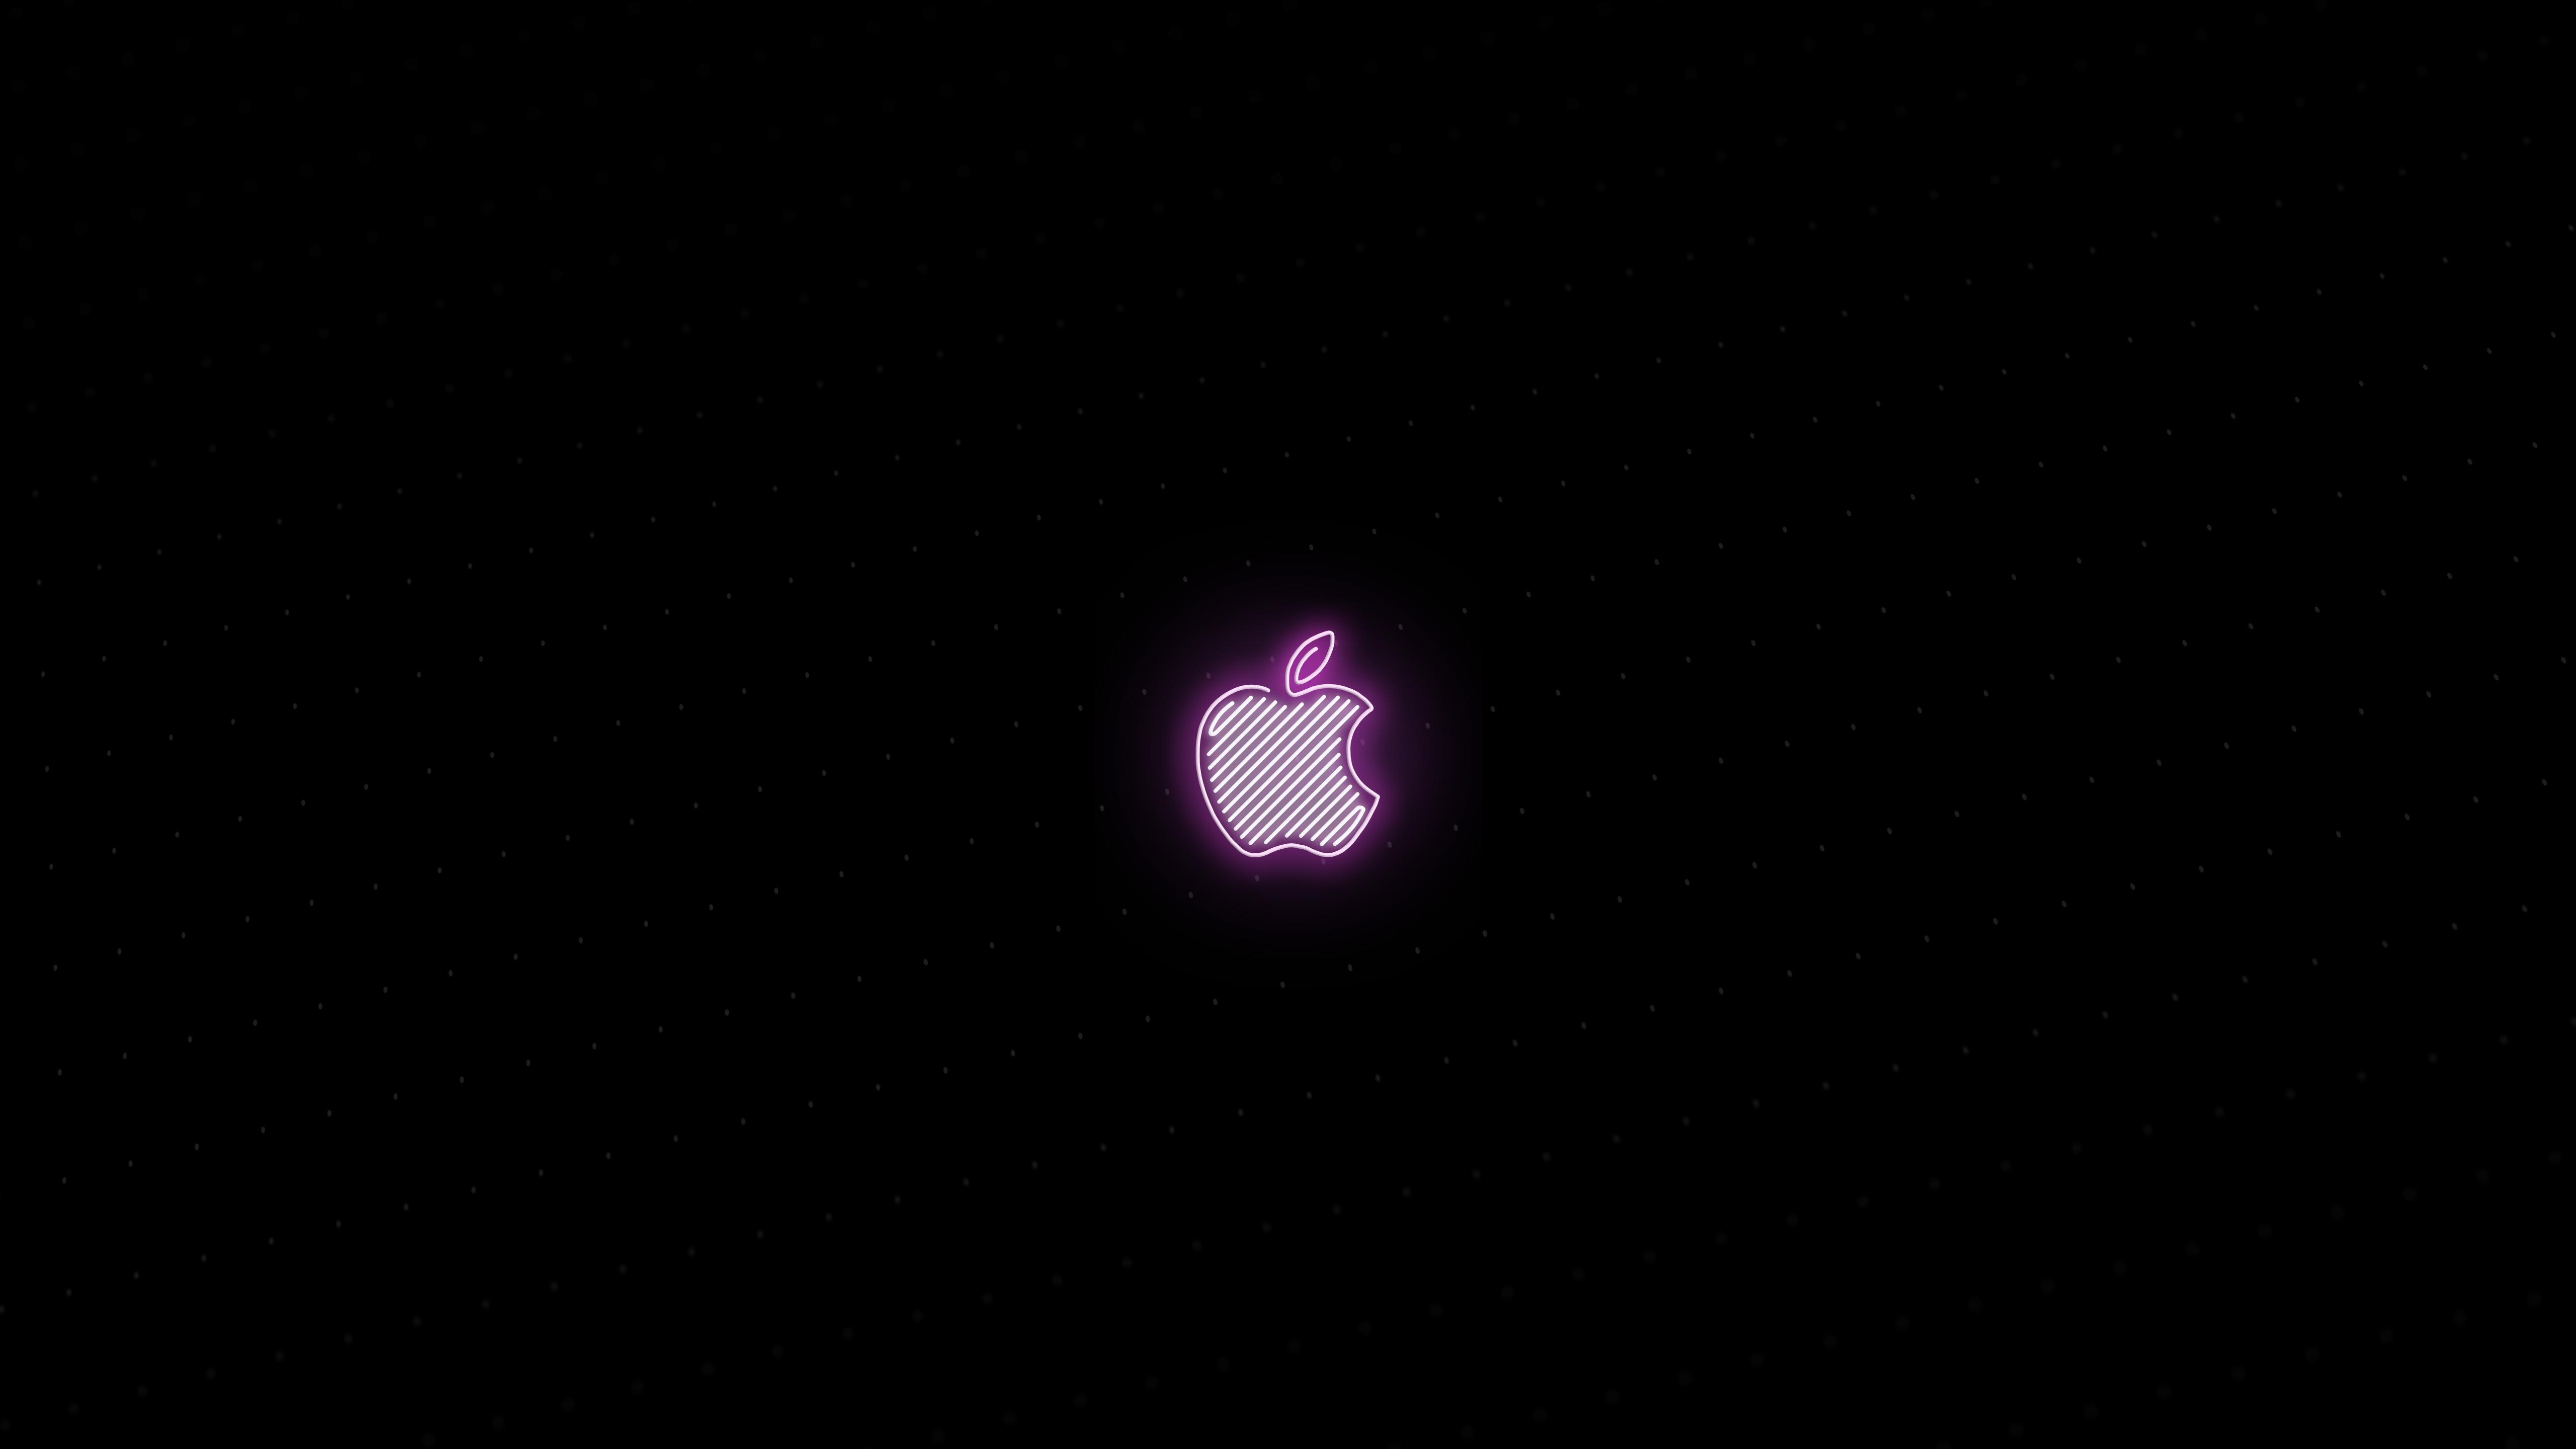 Apple 新宿 のロゴをあしらった壁紙が公開 Iphone Ipad Macに対応